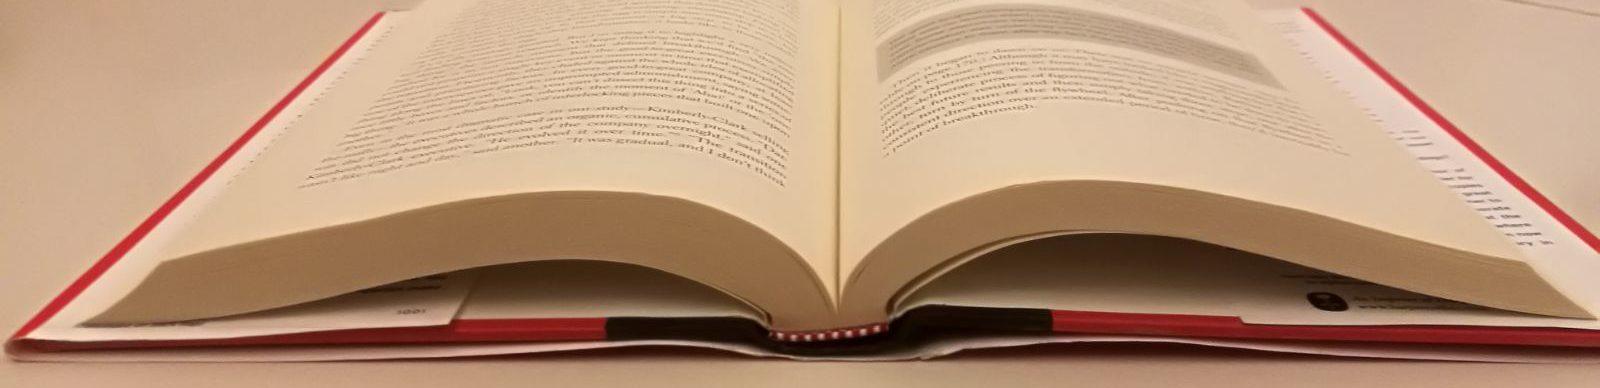 Nacimiento de un libro electrónico